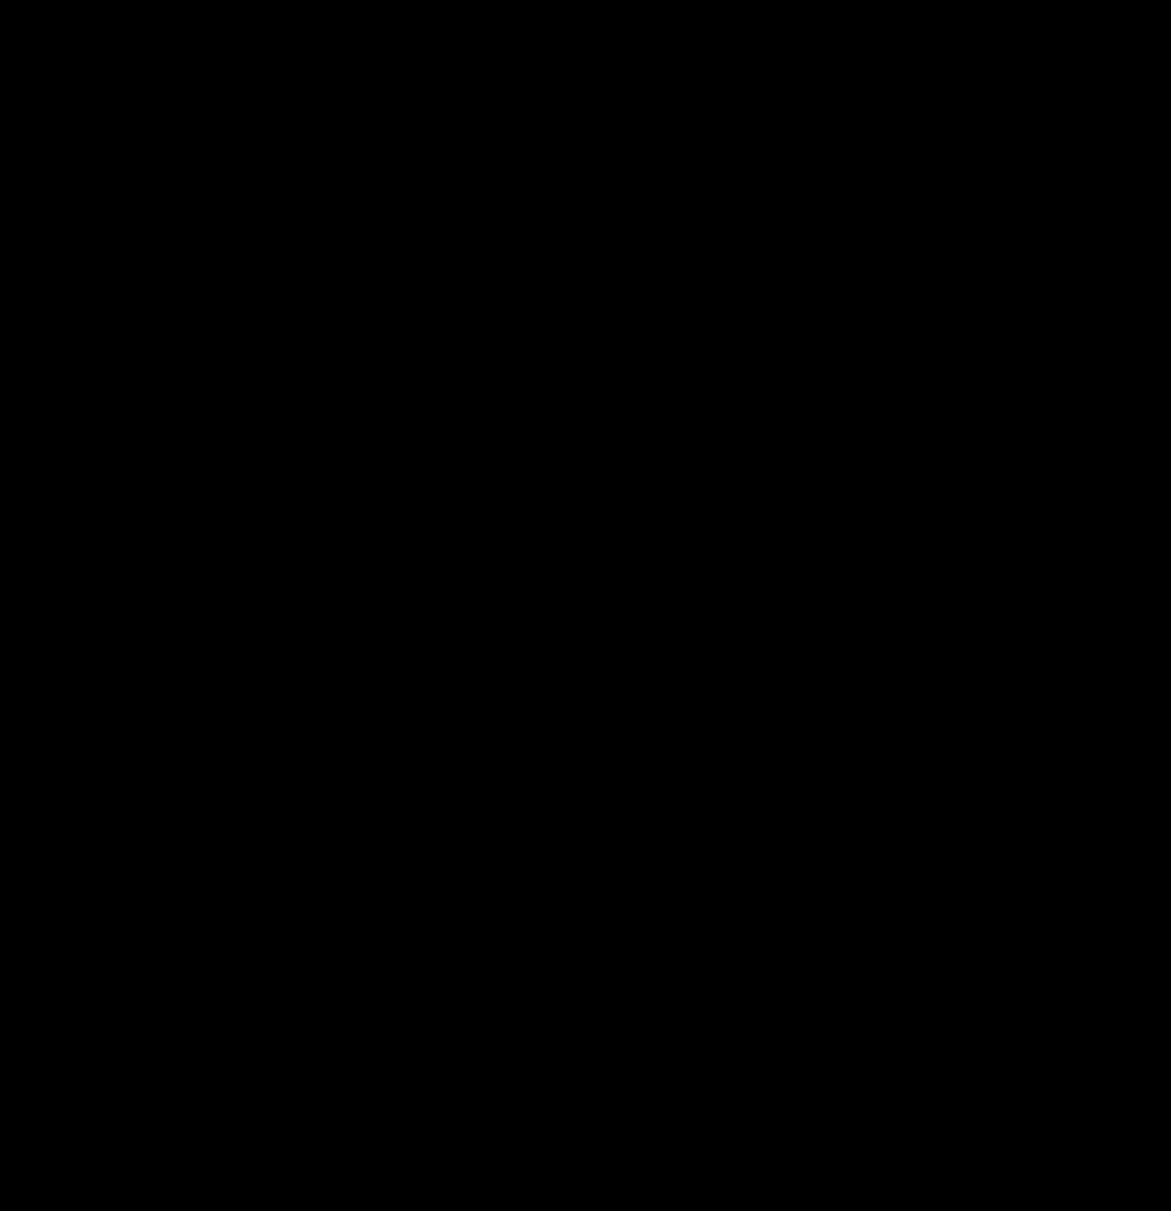 logo de Microbrasserie La Chasse-Pinte